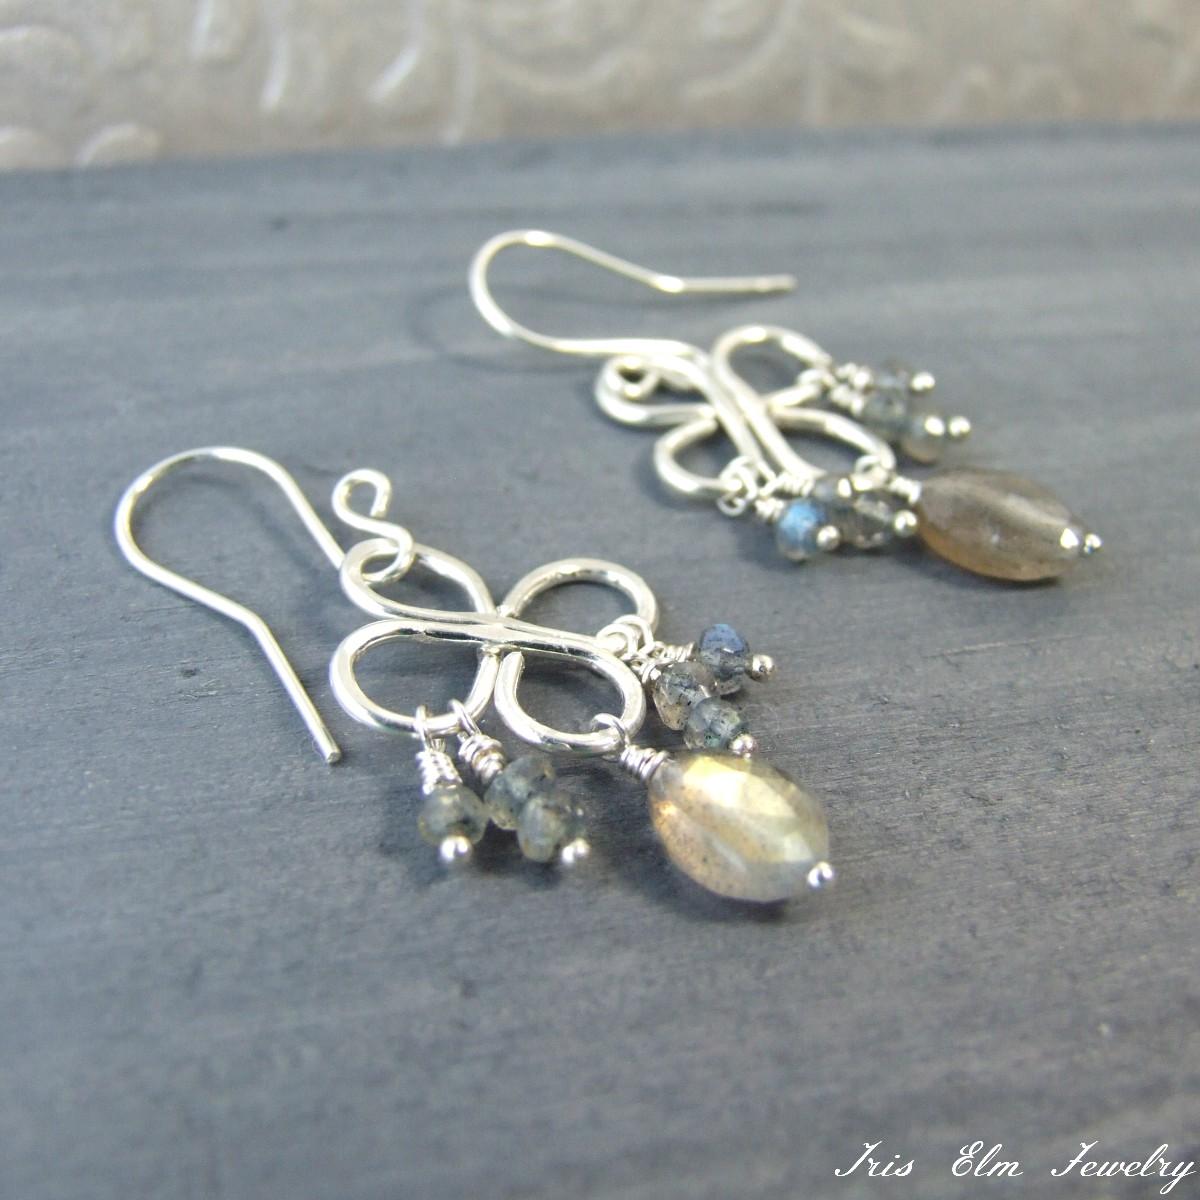 Labradorite Sterling Silver Chandelier Earrings - Iris Elm Jewelry ...